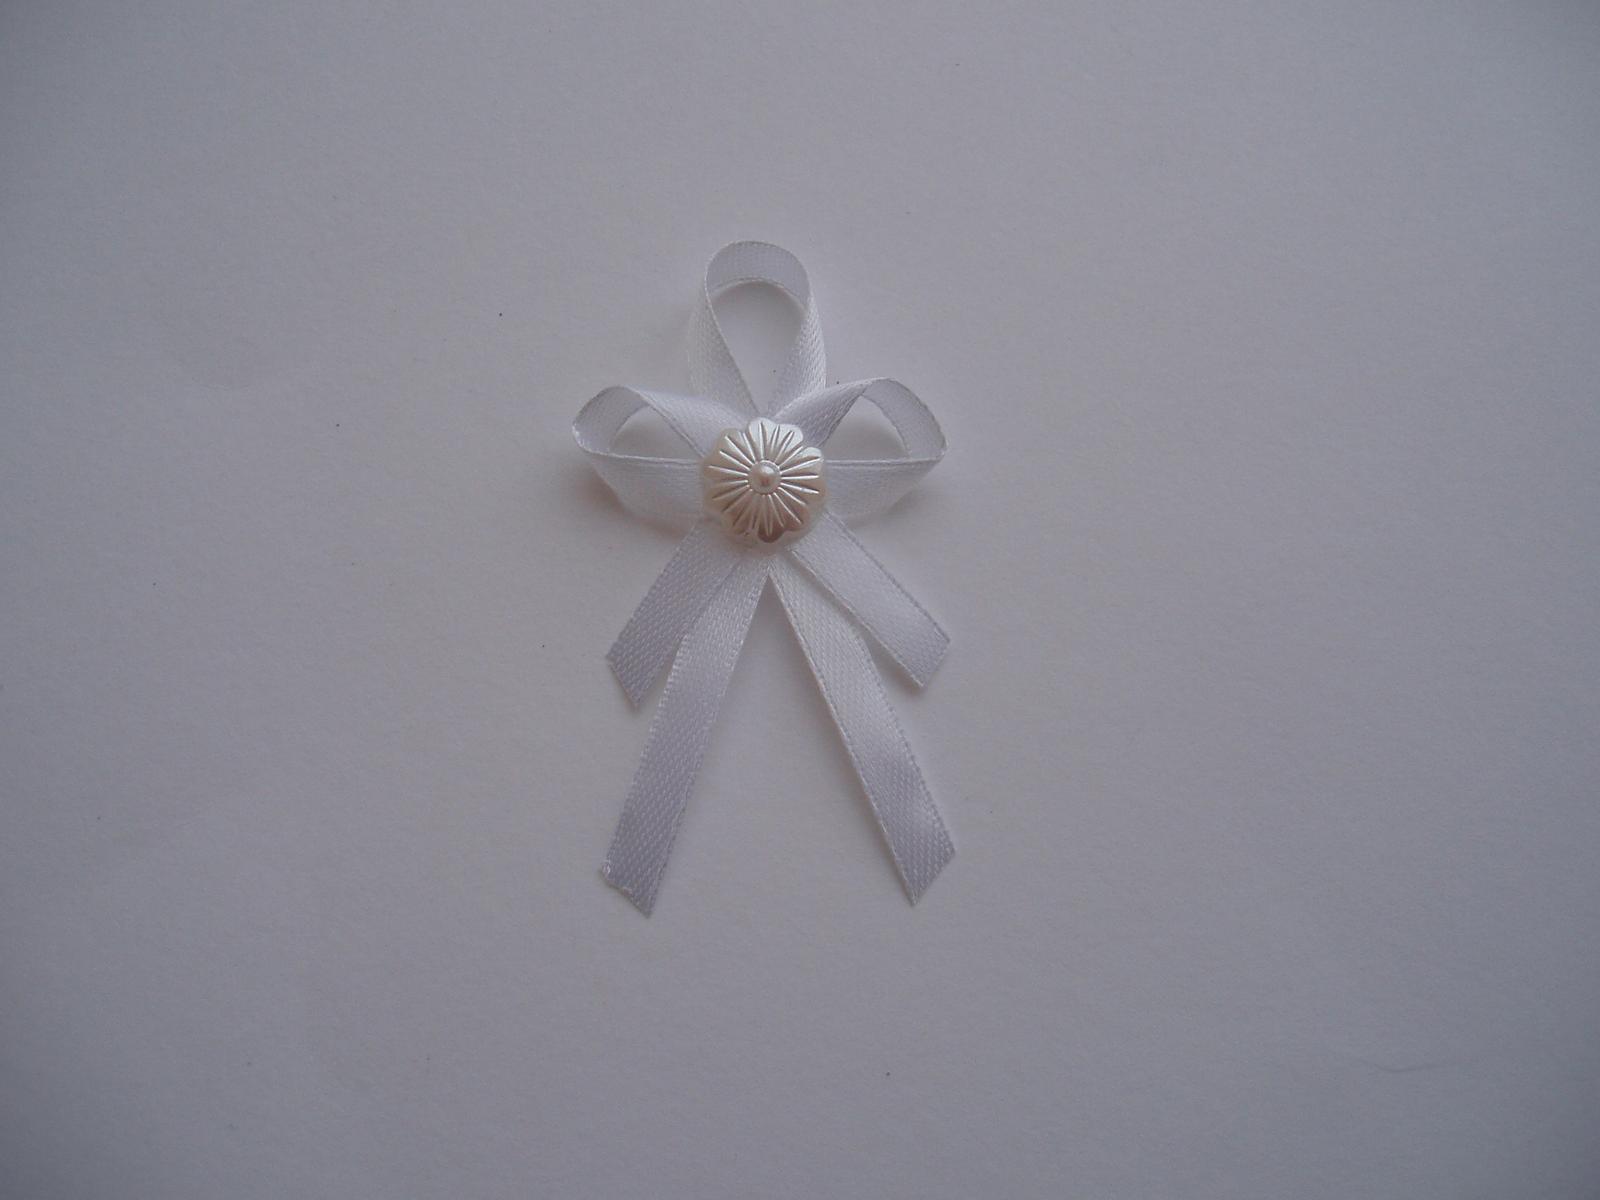 vývazek bílý - Obrázek č. 1